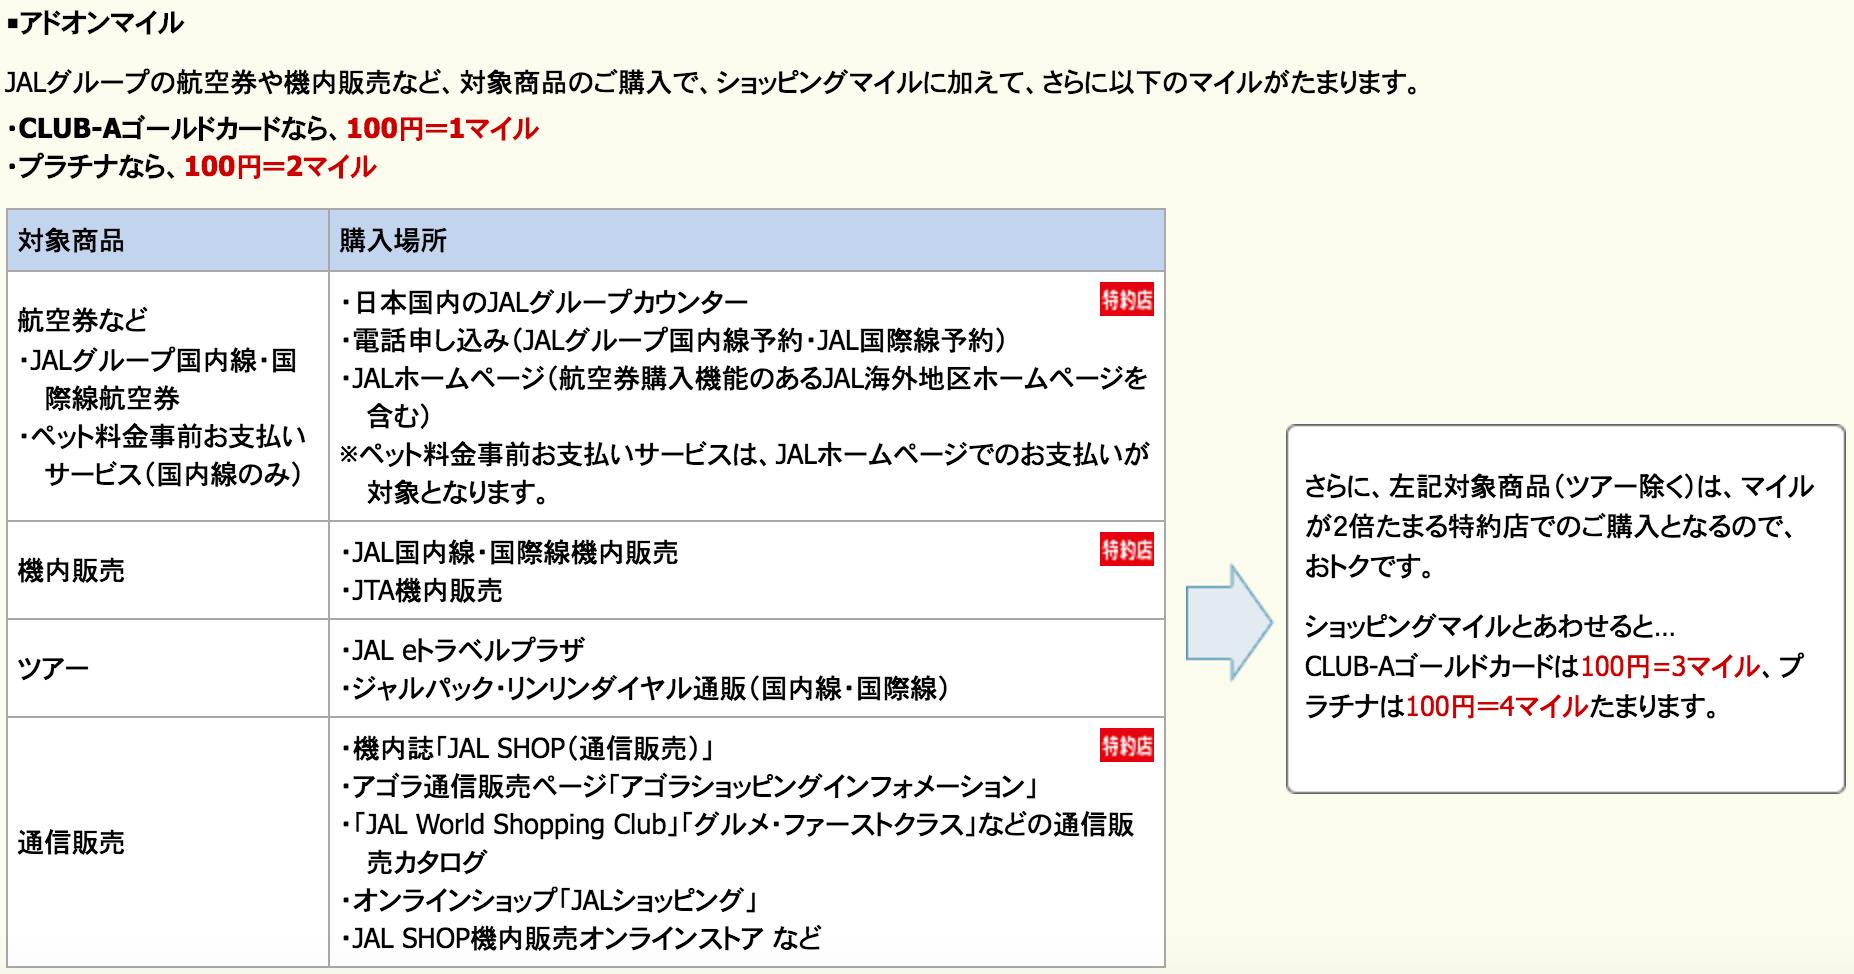 JALアメリカン・エキスプレス・カード CLUB-Aゴールド アドオンマイル